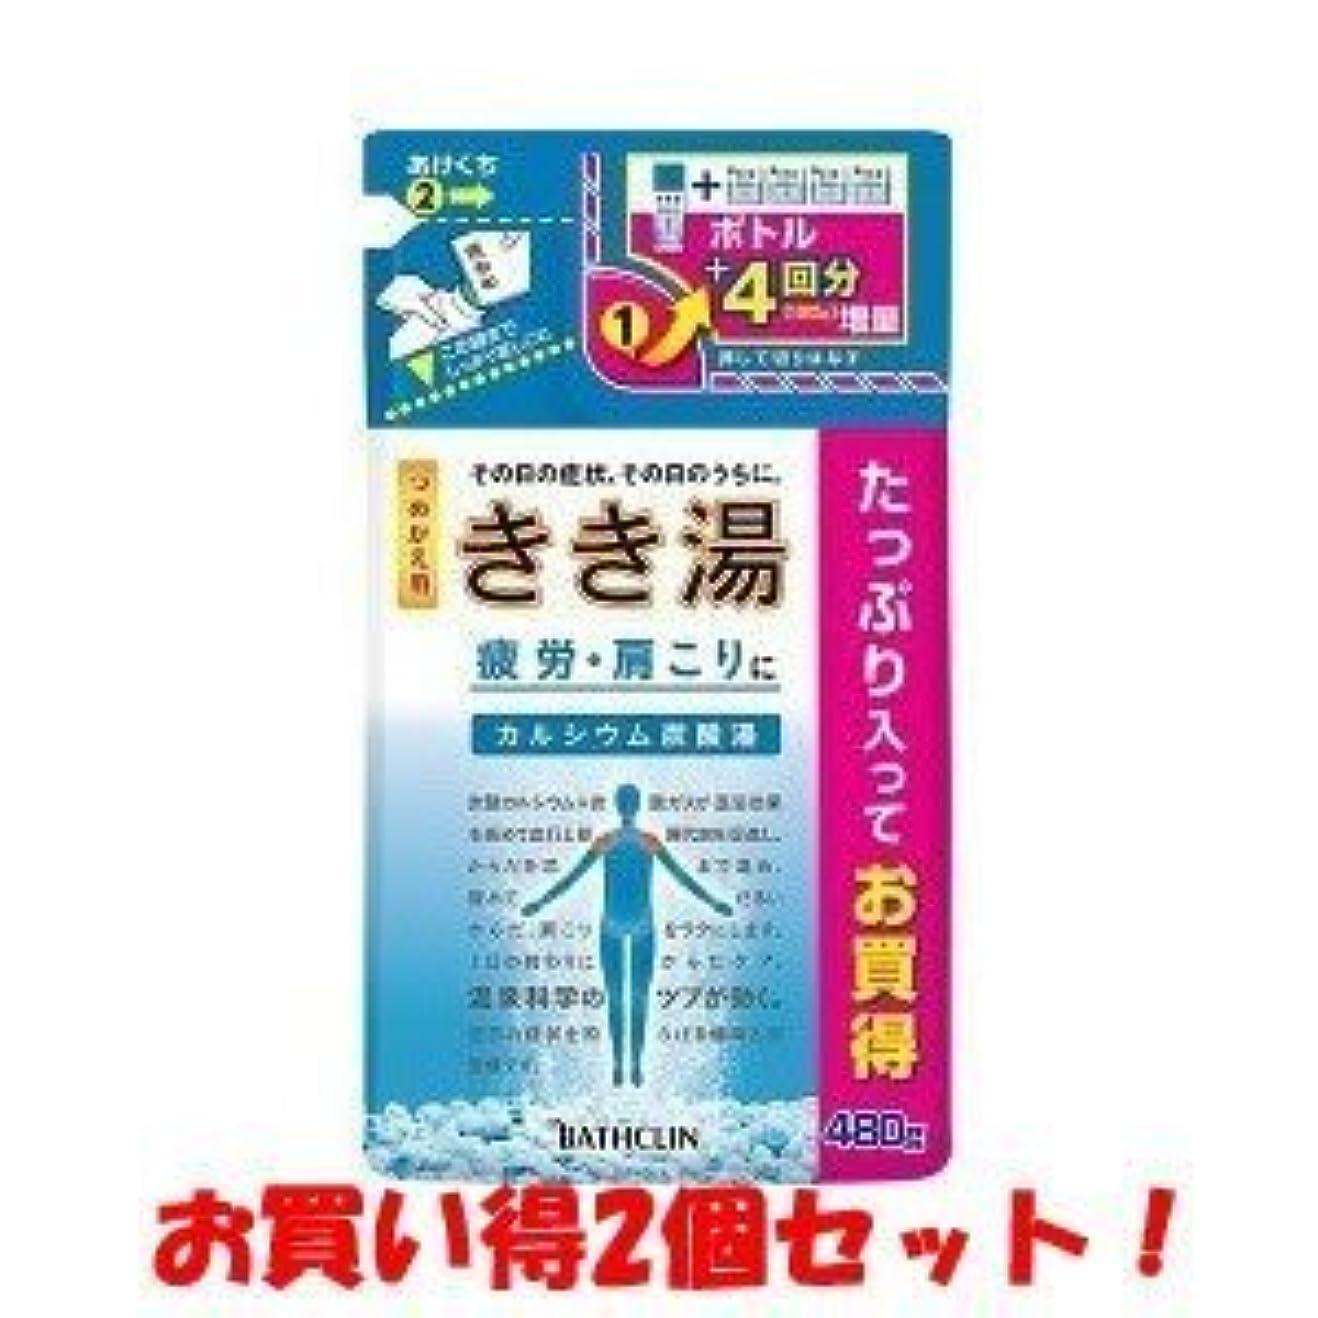 雪のコロニアル累積(バスクリン)きき湯 カルシウム炭酸湯 つめかえ用 480g(医薬部外品)(お買い得2個セット)